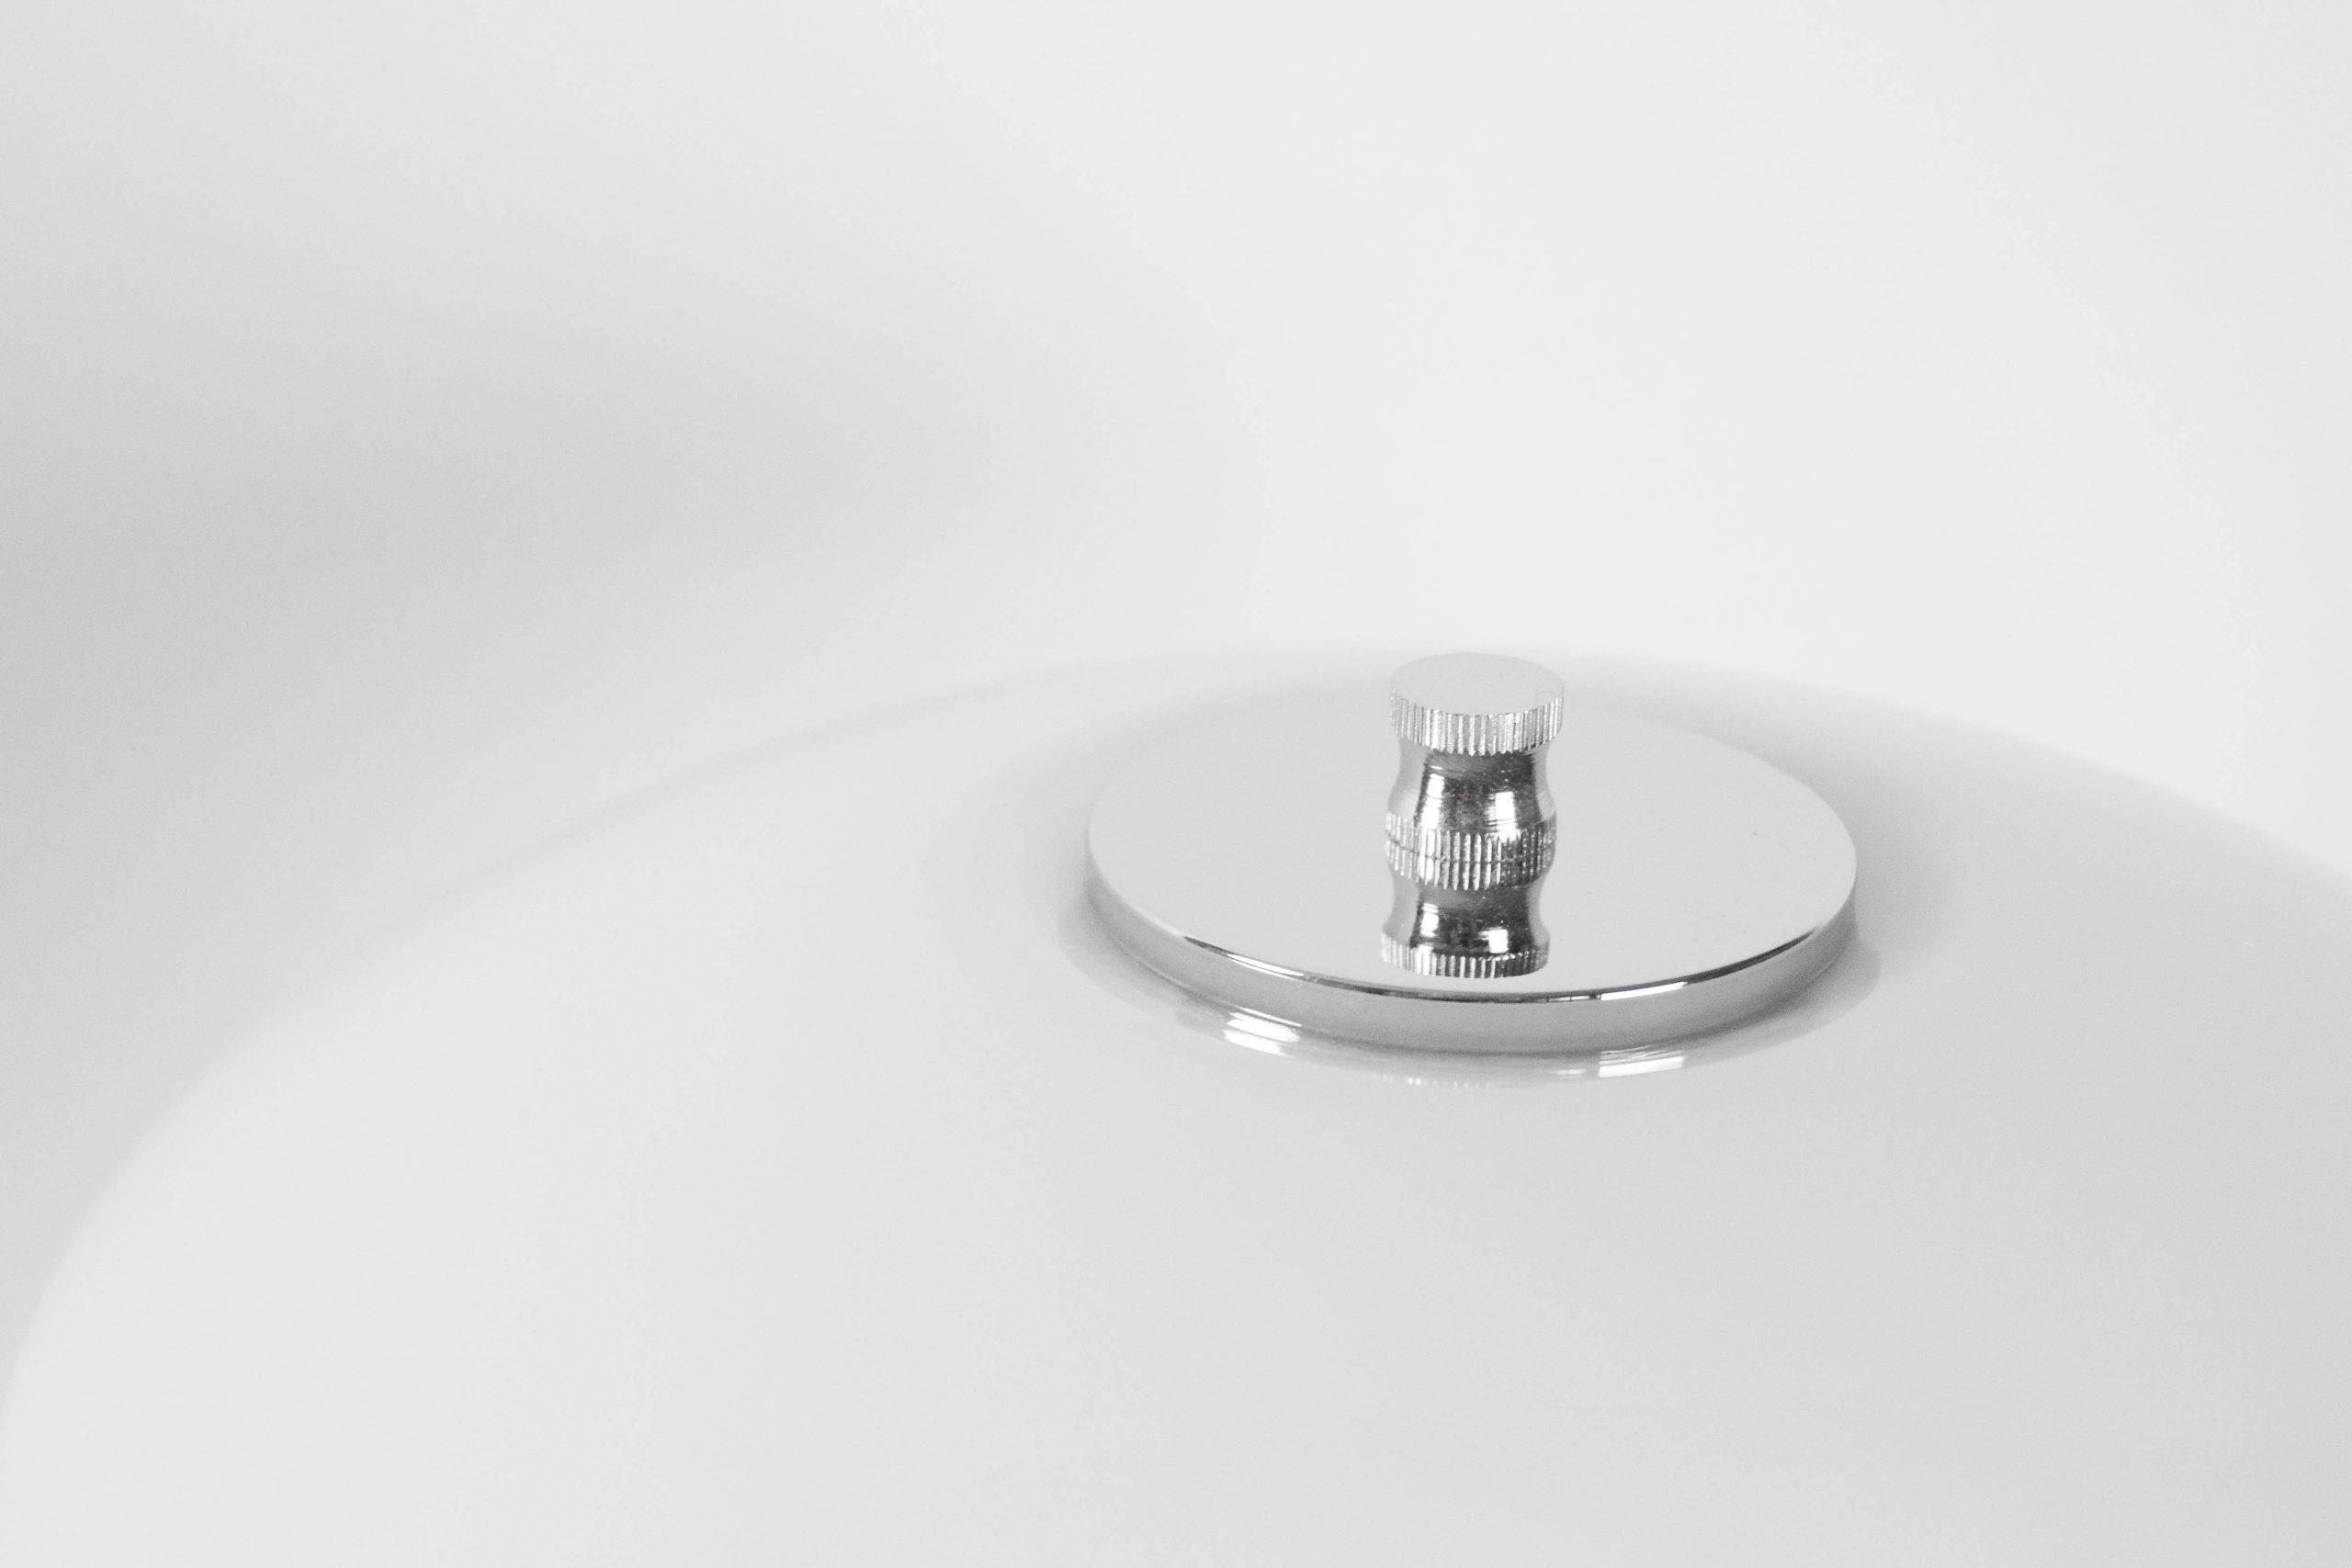 lampara de mesa de diseño poulsen de calidad cromada de diseño